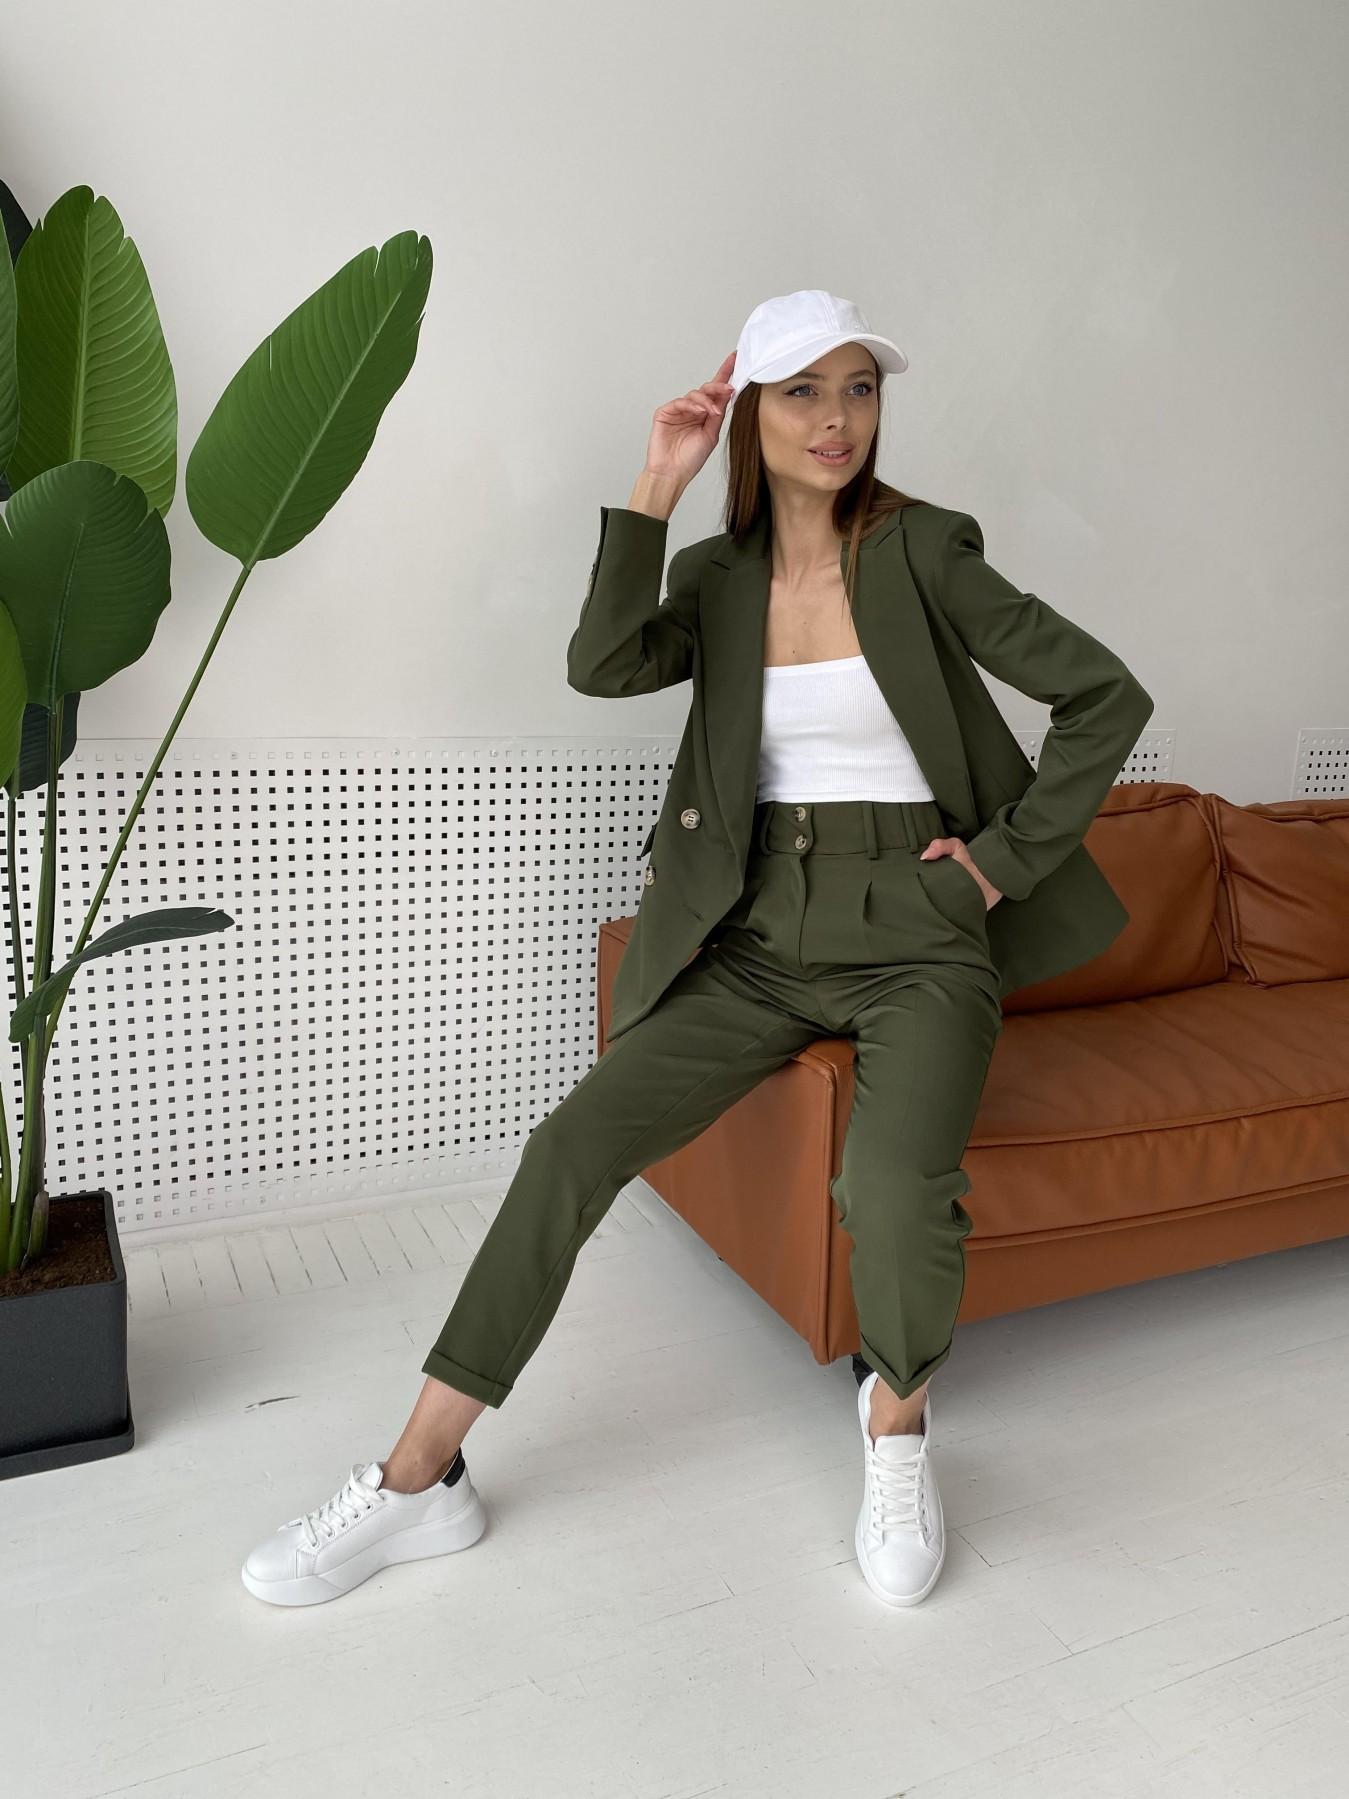 Франко костюм из костюмной ткани 11090 АРТ. 47970 Цвет: Хаки - фото 8, интернет магазин tm-modus.ru